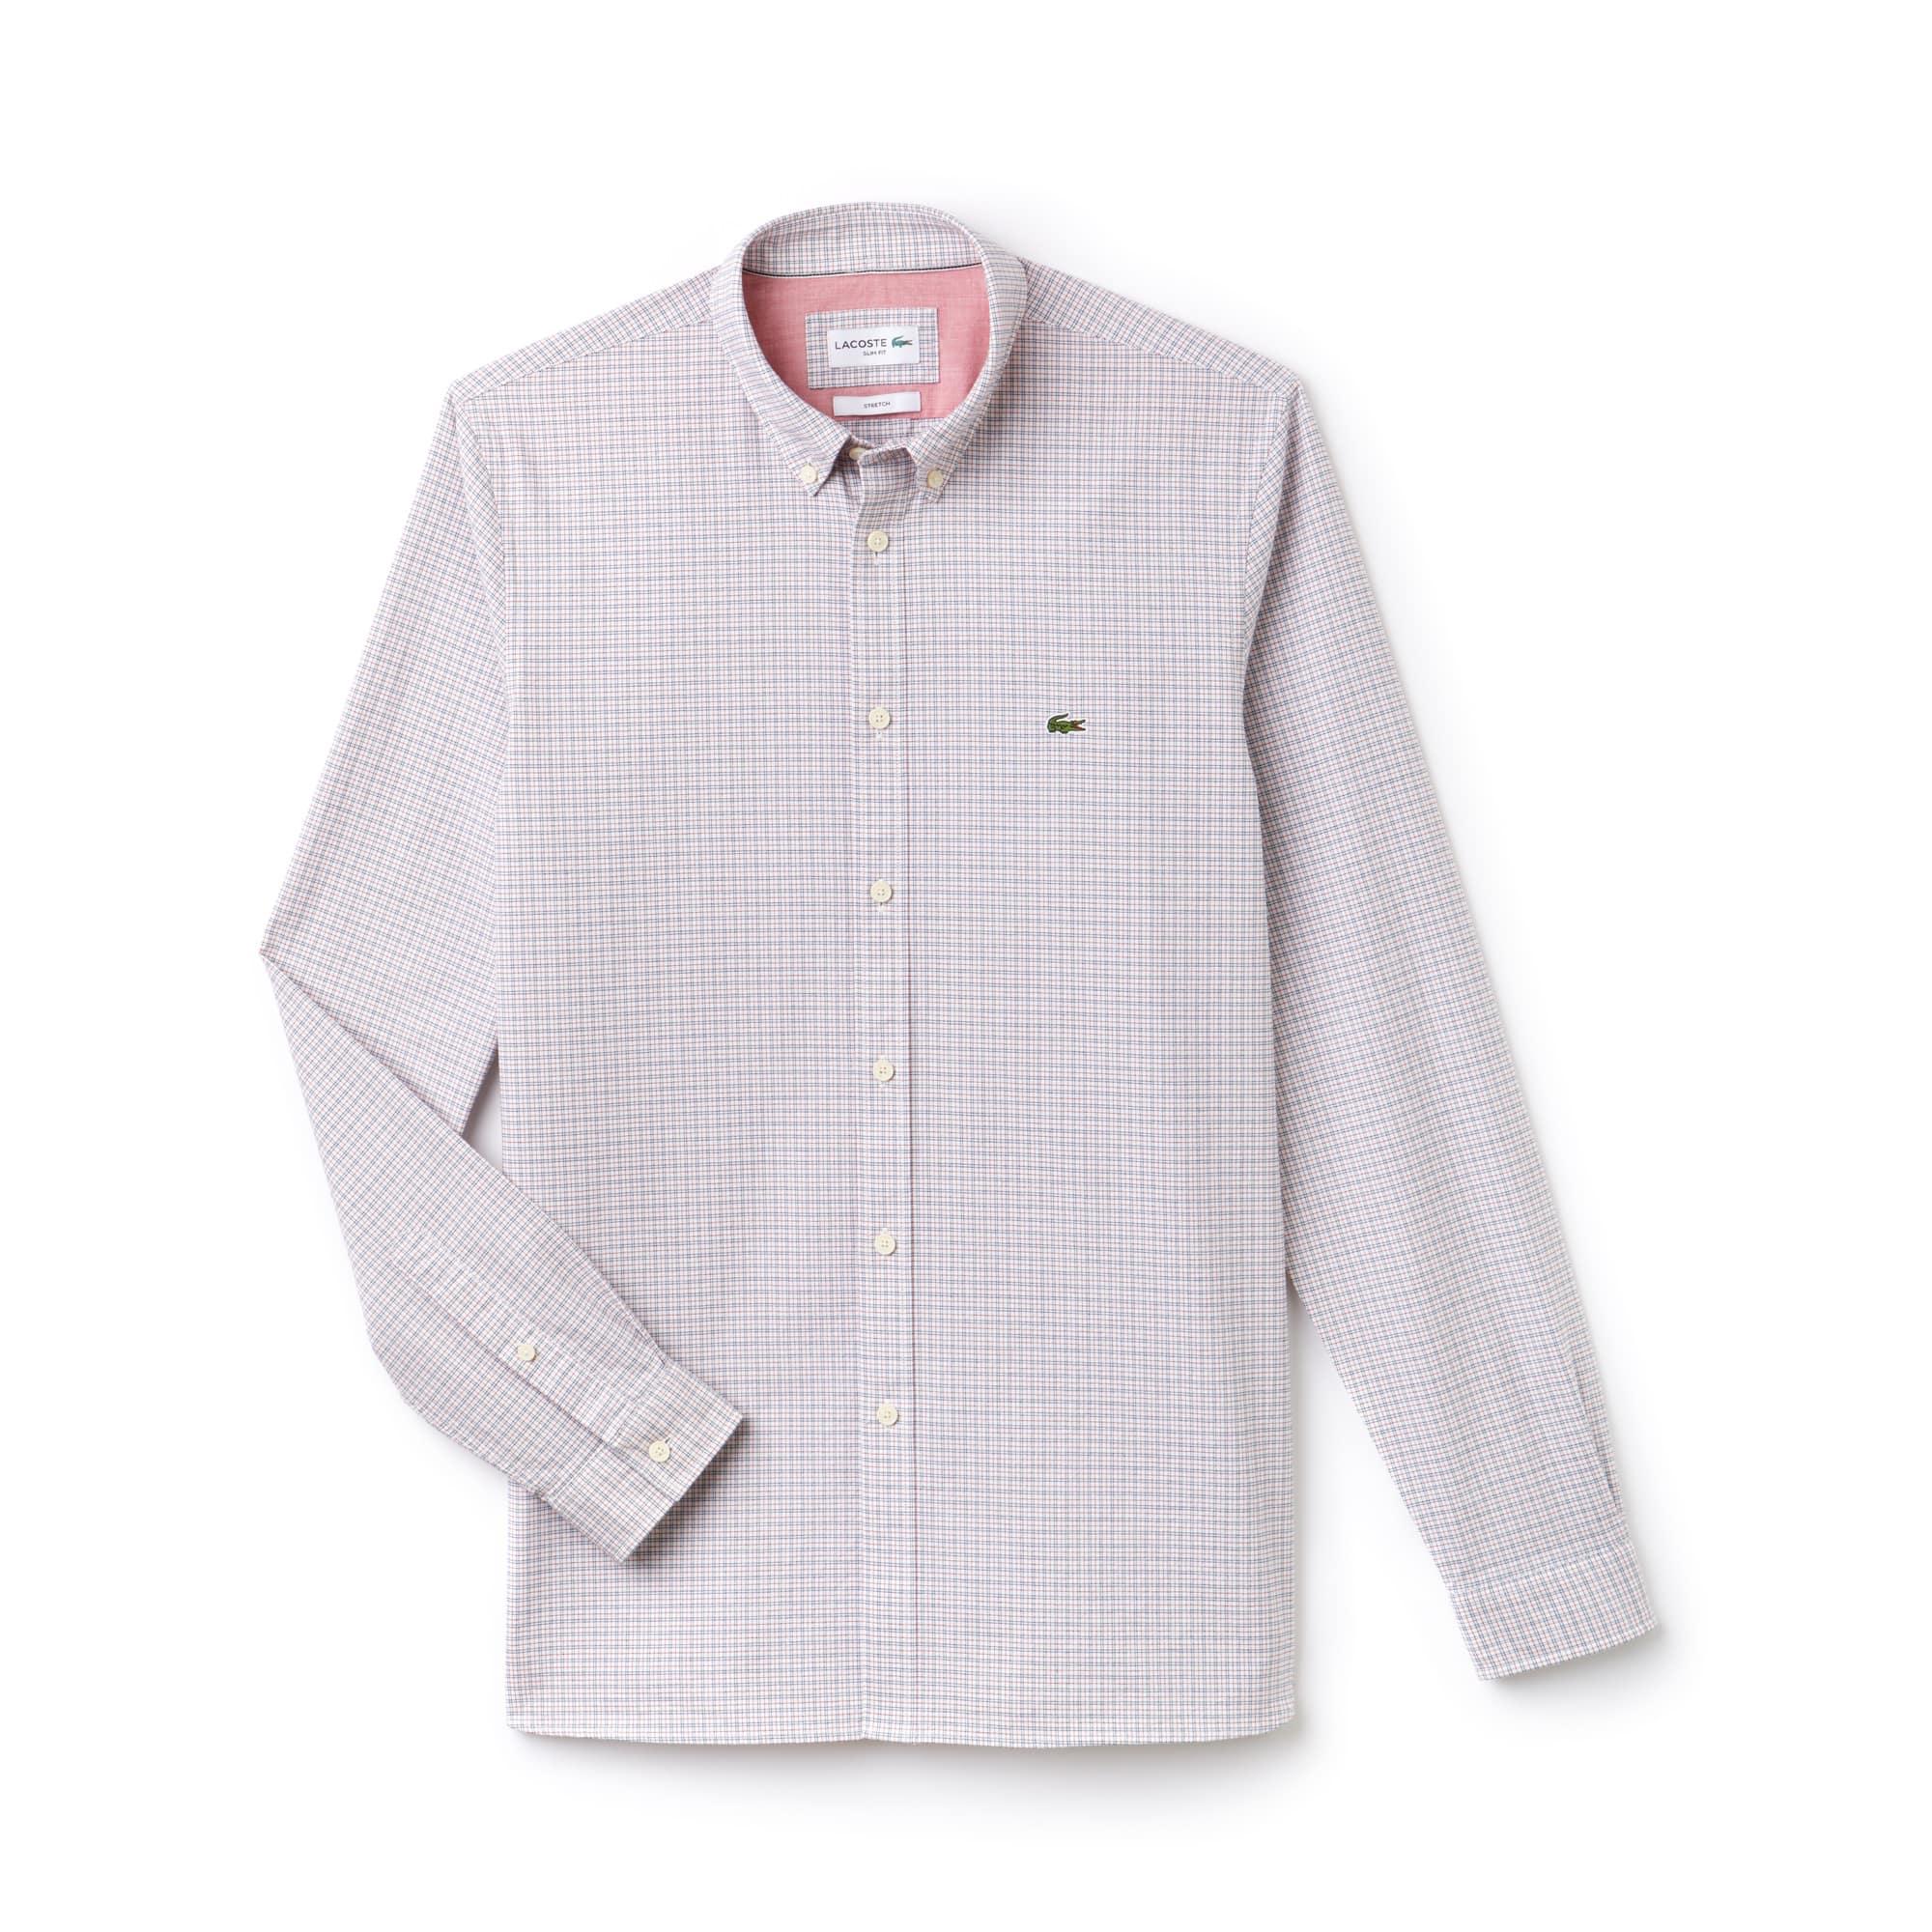 Herren Slim Fit Karo-Hemd aus Stretch-Oxford Baumwolle